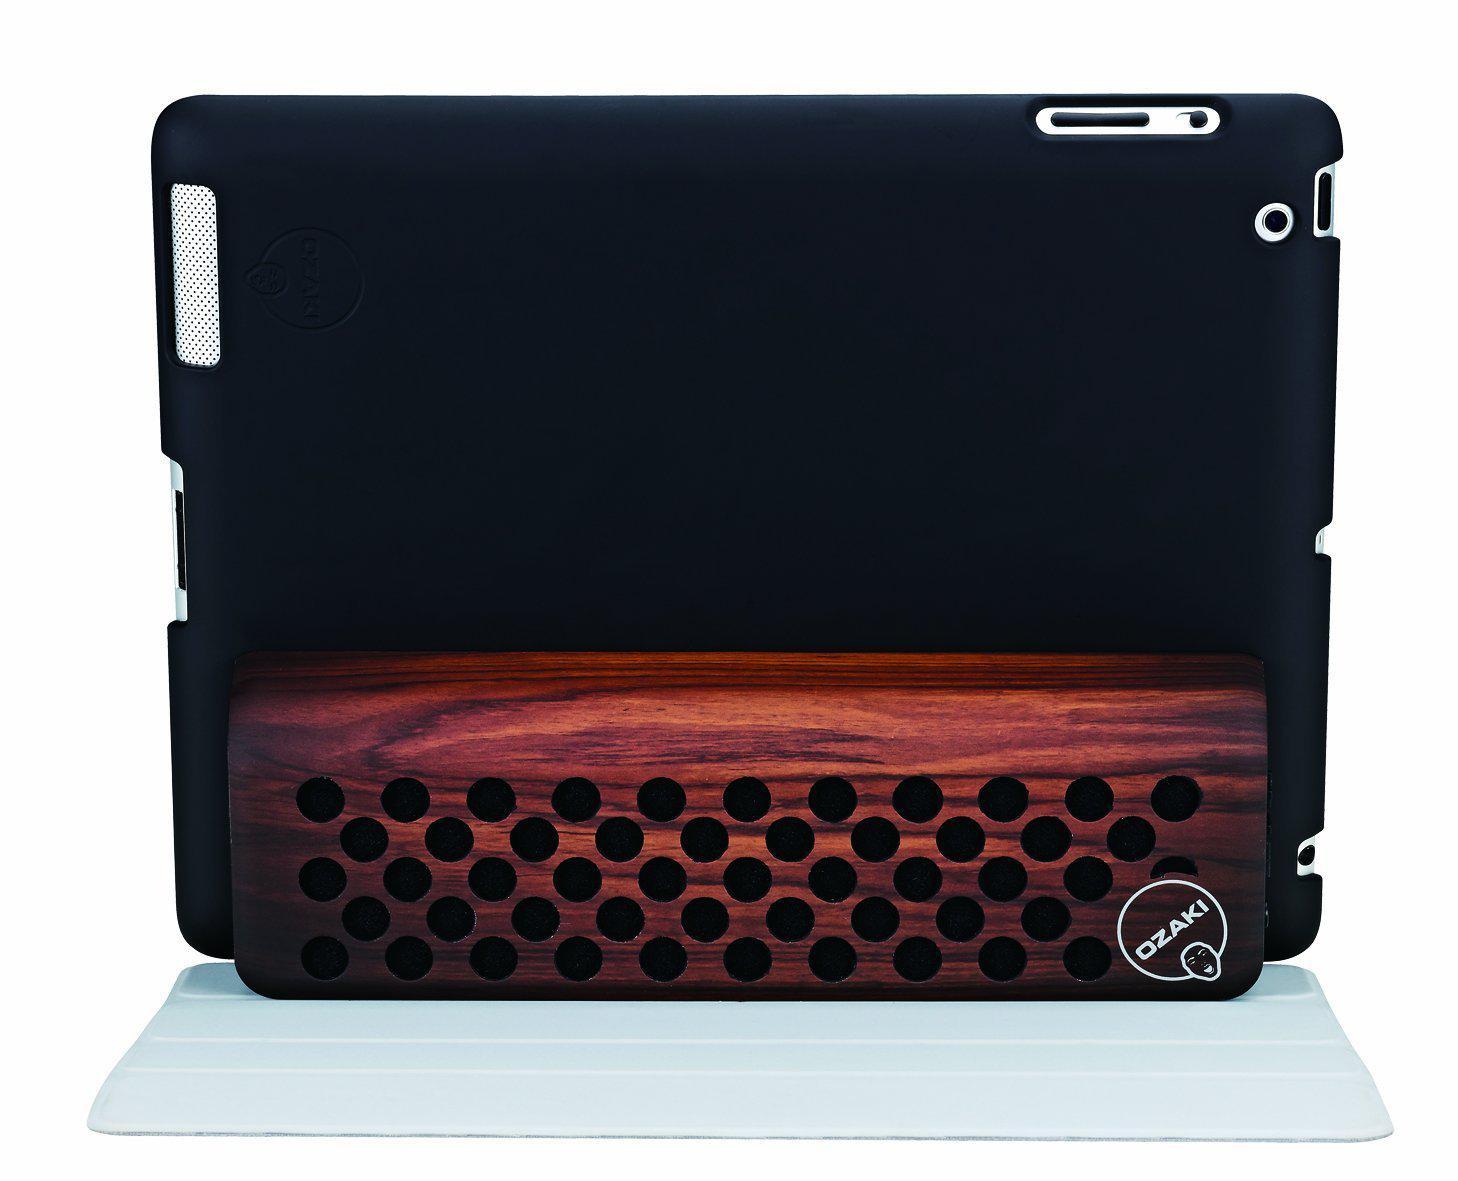 Enceintes Bluetooth Ozaki oMusic Powow + Housse pour Ipad 3 Wood